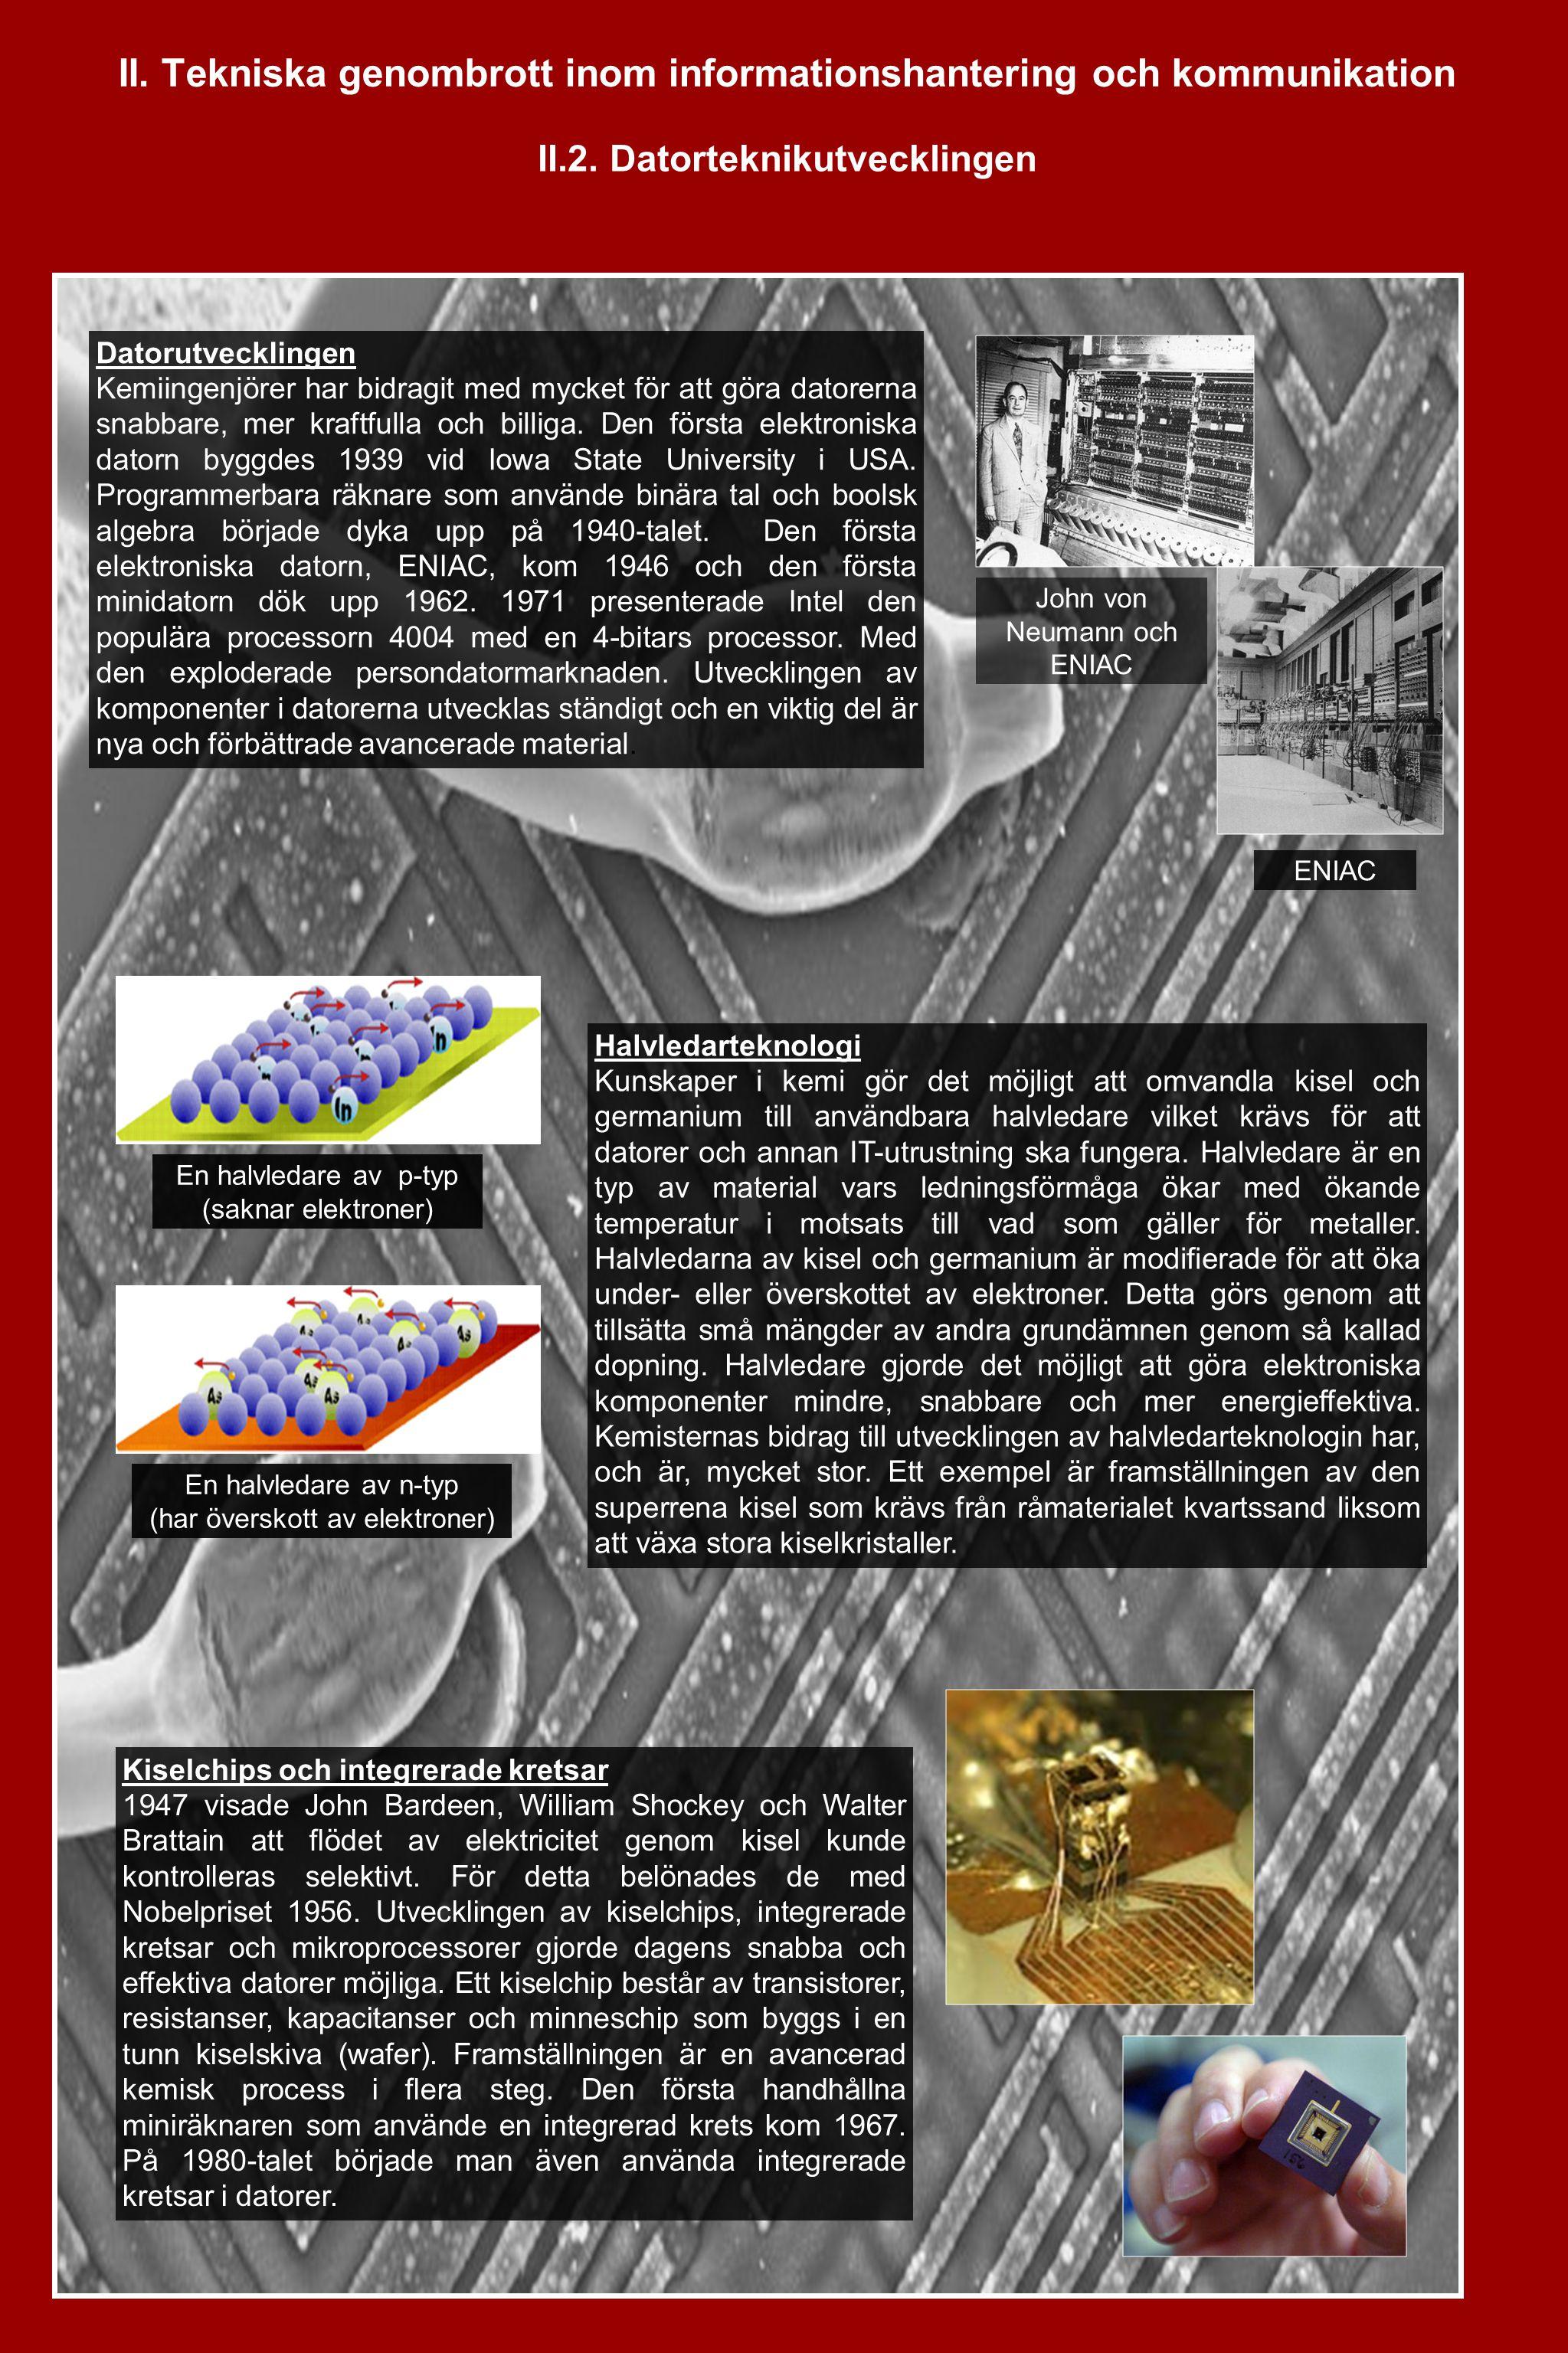 II. Tekniska genombrott inom informationshantering och kommunikation